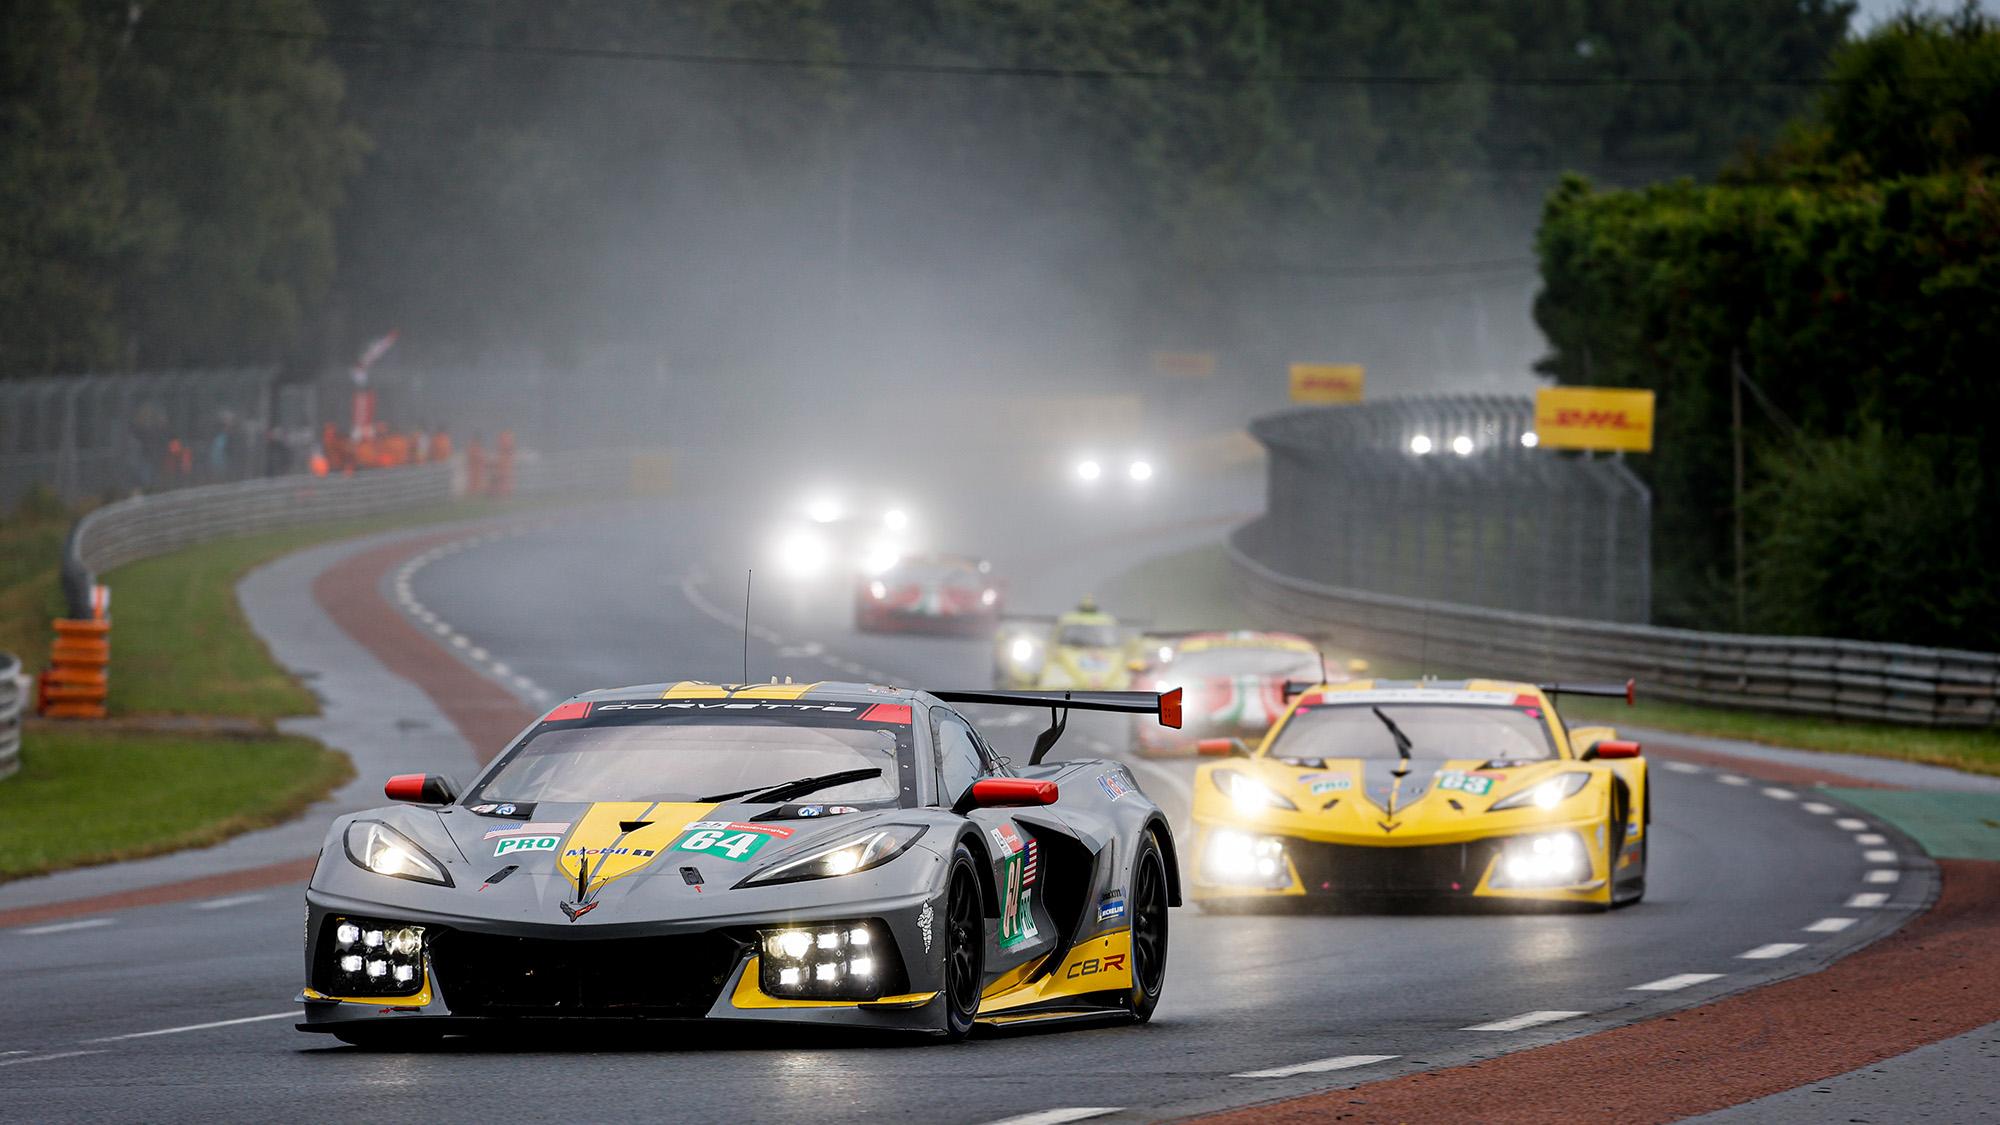 Chevrolet Corvettes at Le Mans 24 Hours 2021